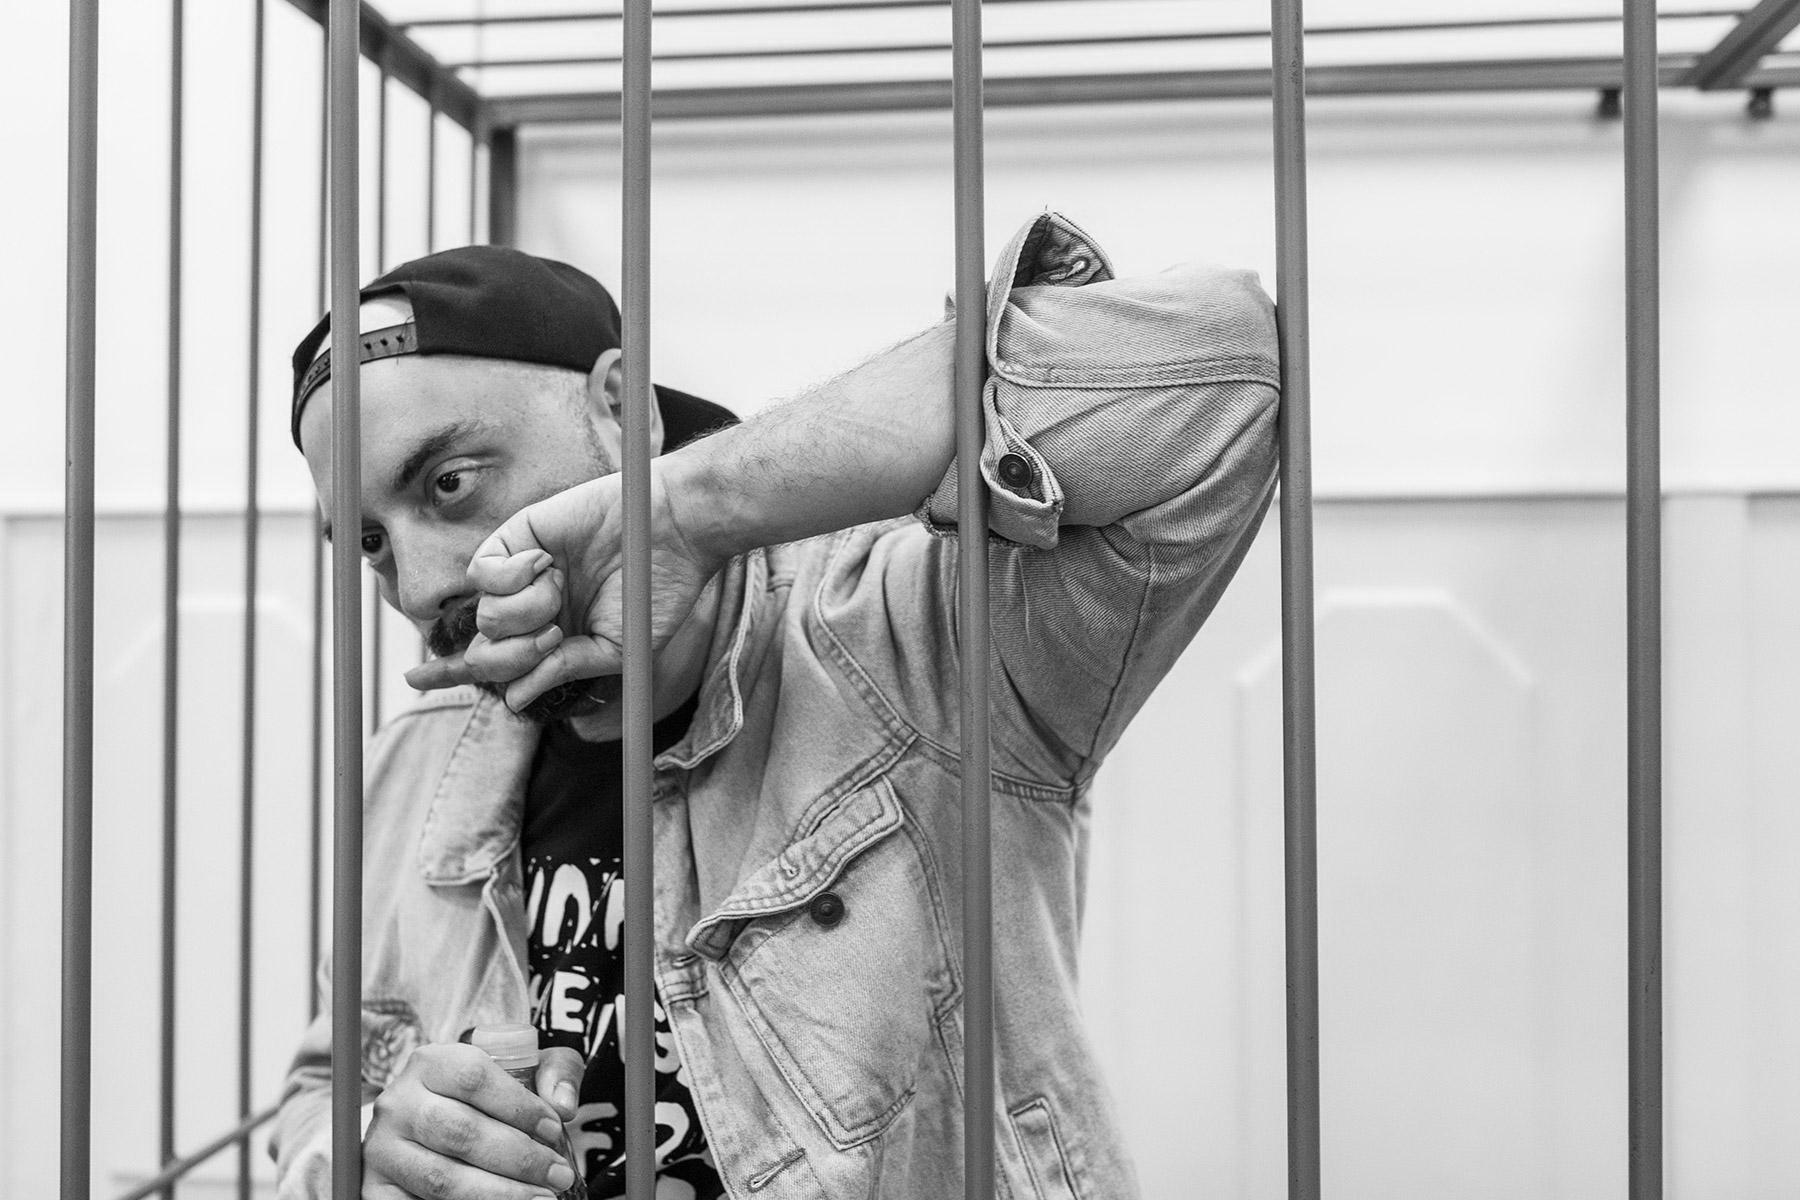 2.Популярният режисьор Кирил Серебренников, който сега е под домашен арест, на 23 август т.г. беше поставен зад желязна решетка. В момента тече международна петиция за освобождаването му.